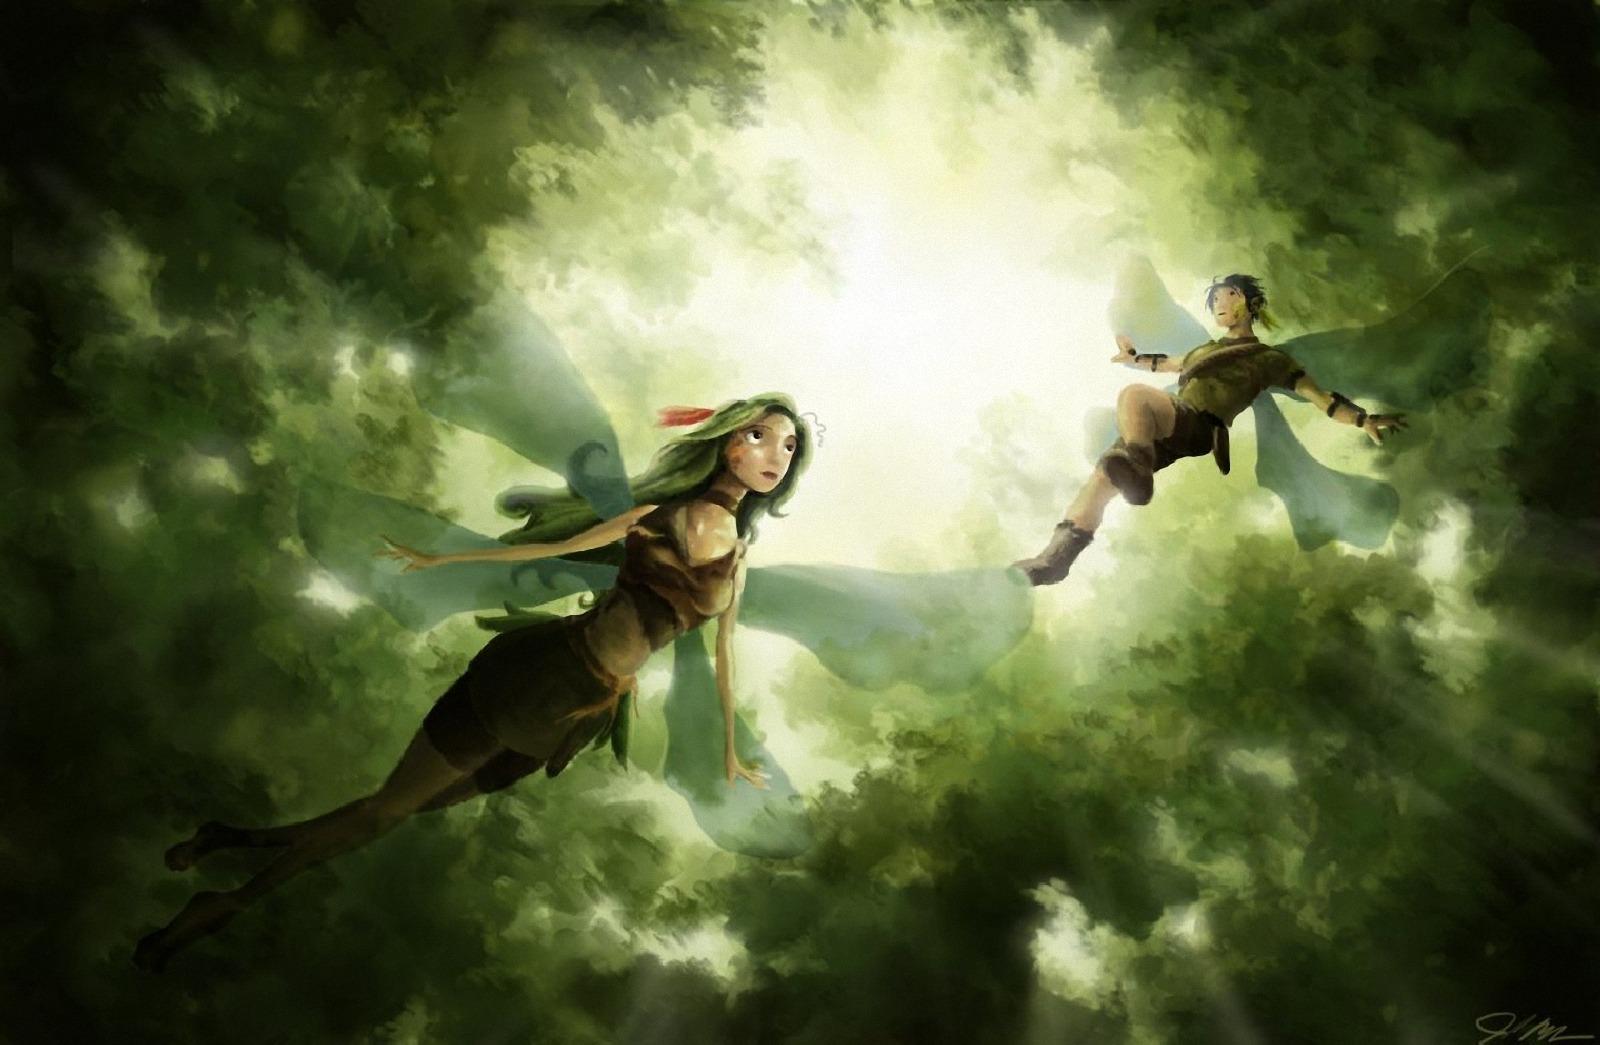 Fantasy fairy art cartoon streaming